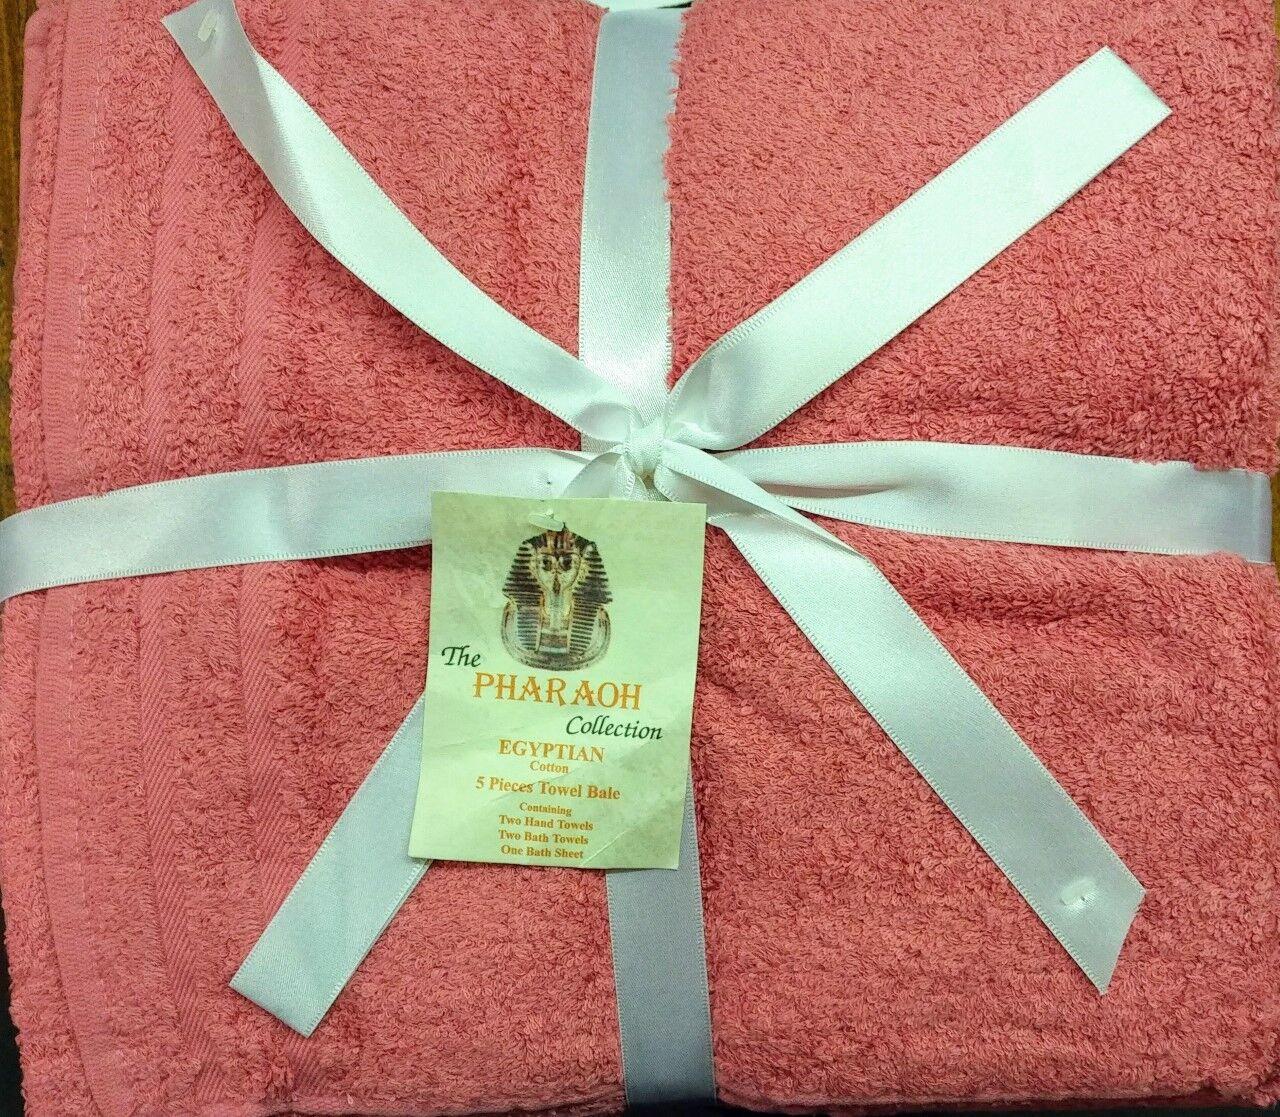 COTONE Egiziano 100% rosa di Scuro asciugamani di lusso di rosa qualità Set 5 PEZZI Bale Mani Bagno 7257ee